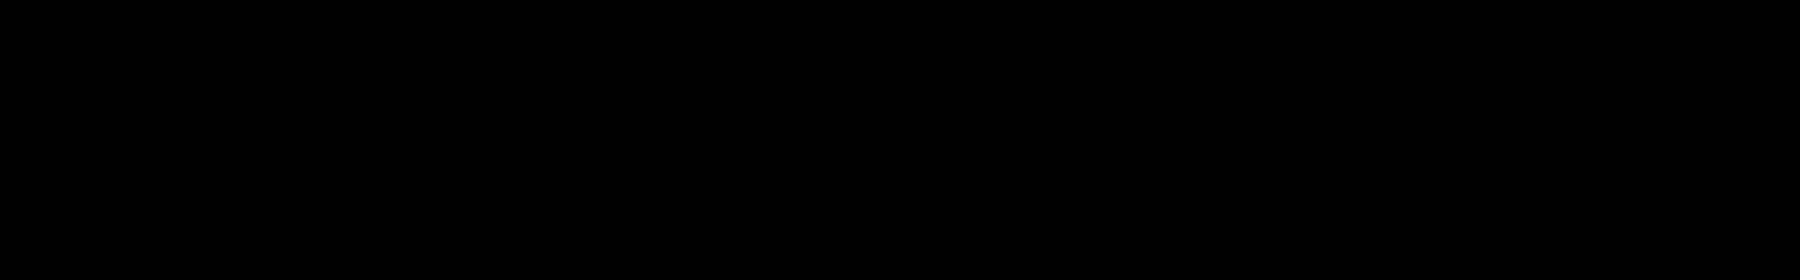 AK Producer Bundle audio waveform